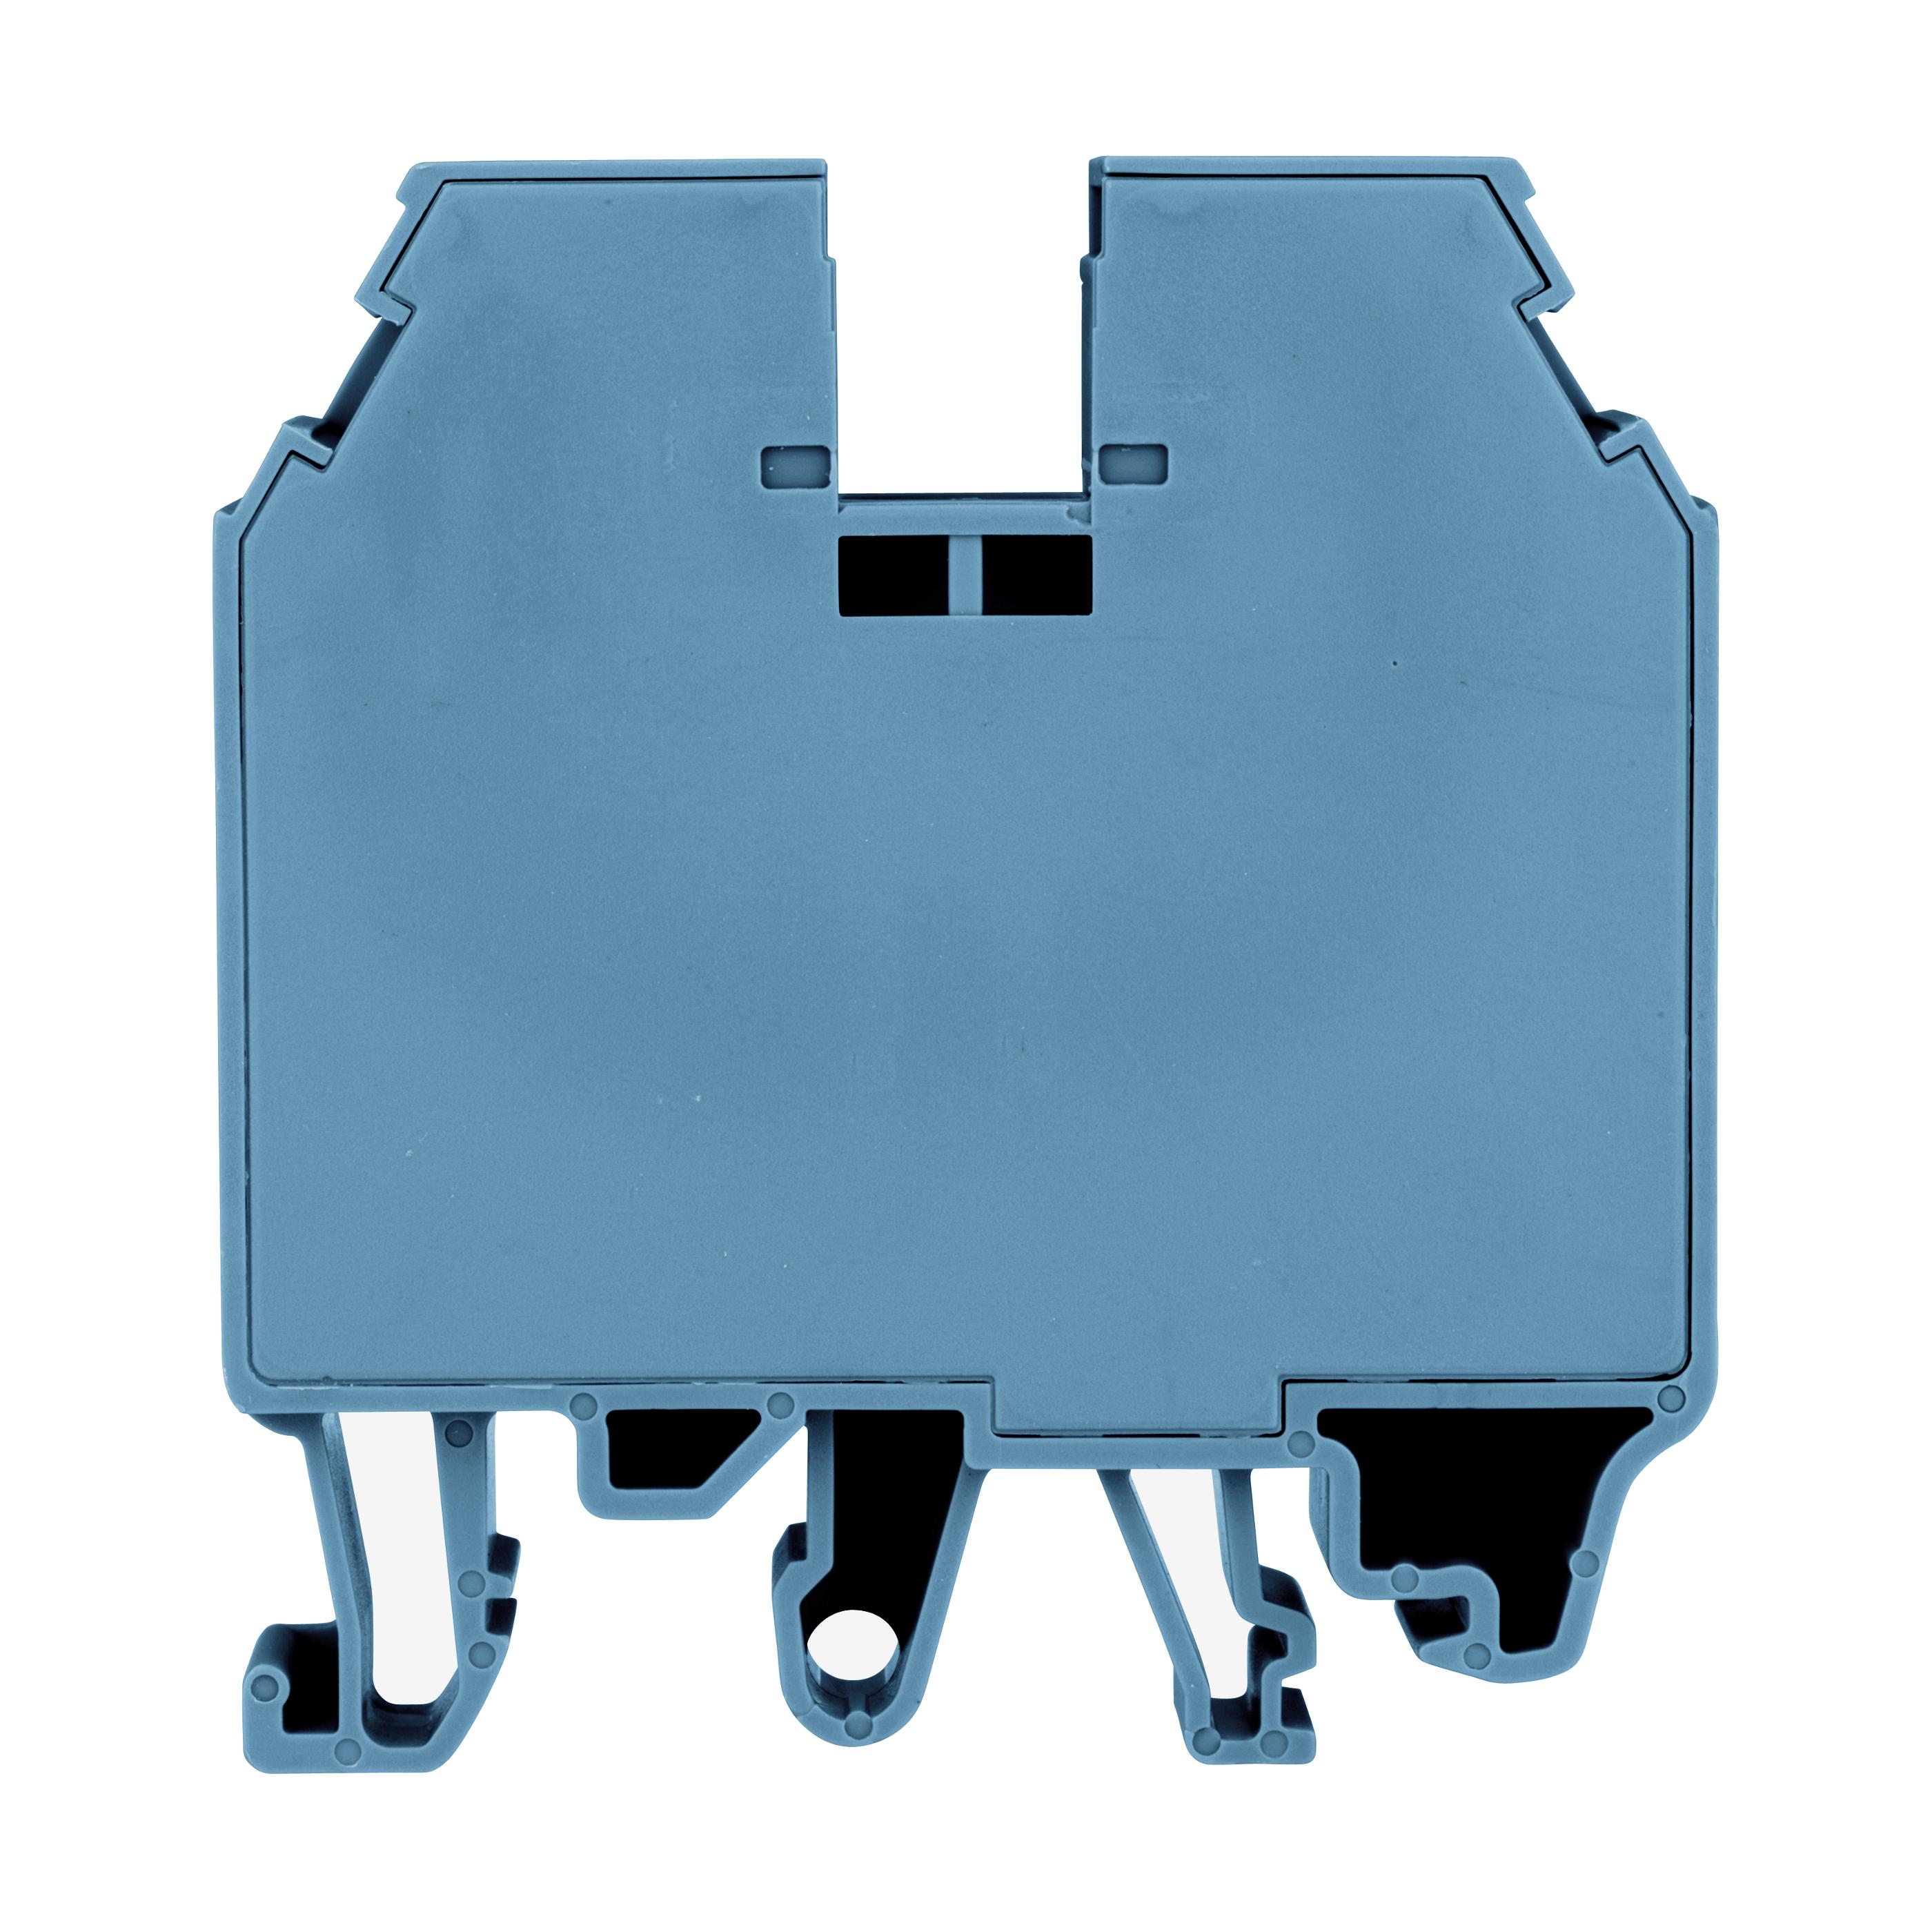 1 Stk Reihenklemme 35mm², Type AVK 35 RD, blau IK601035-A